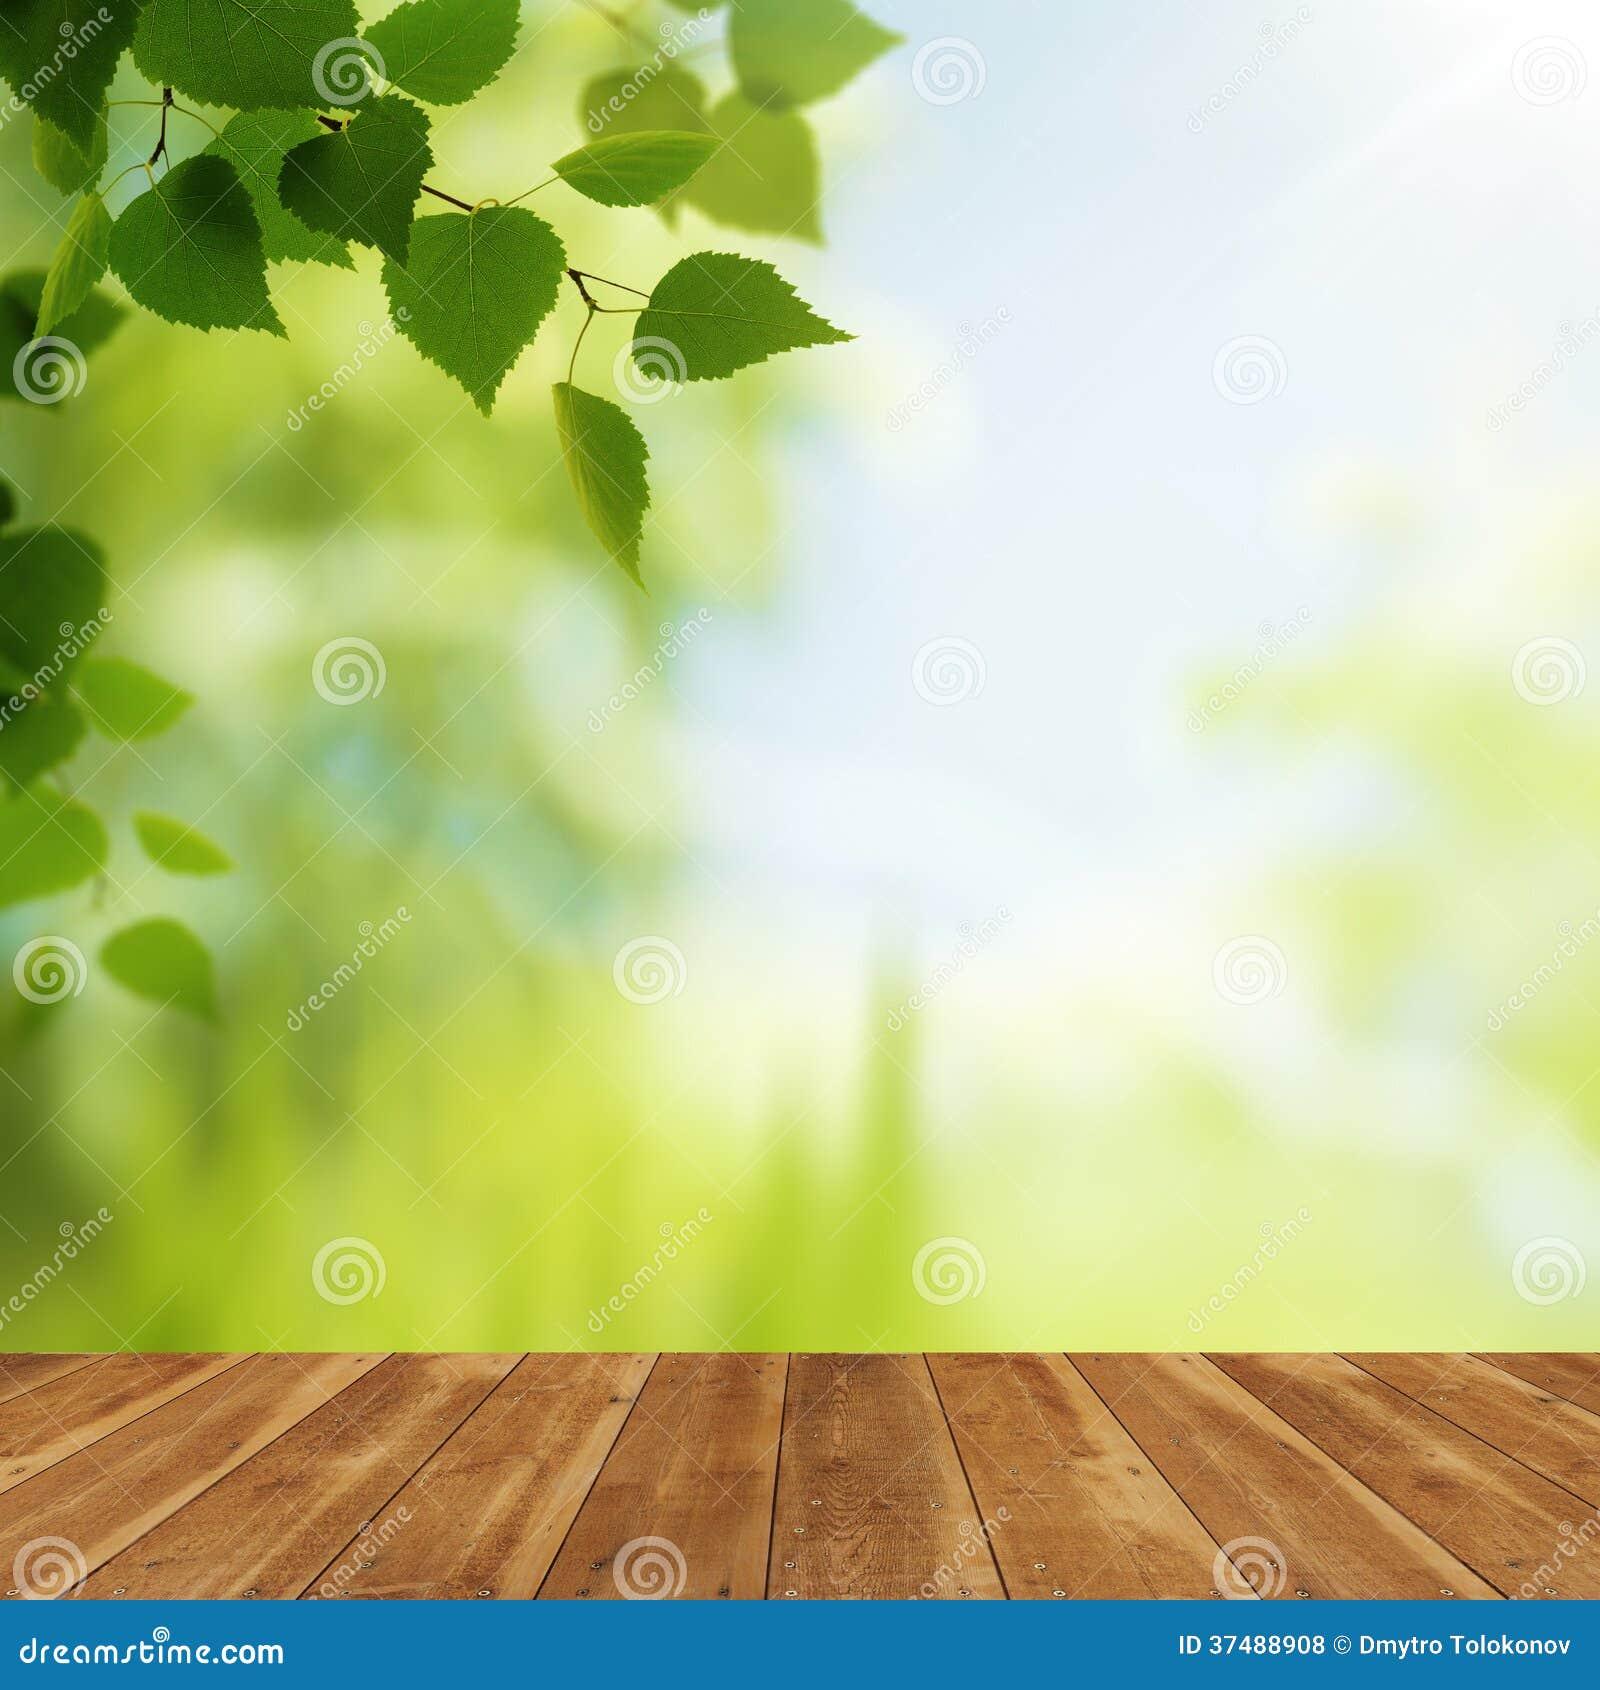 Drewniany biurko przeciw piękno naturalnym tło